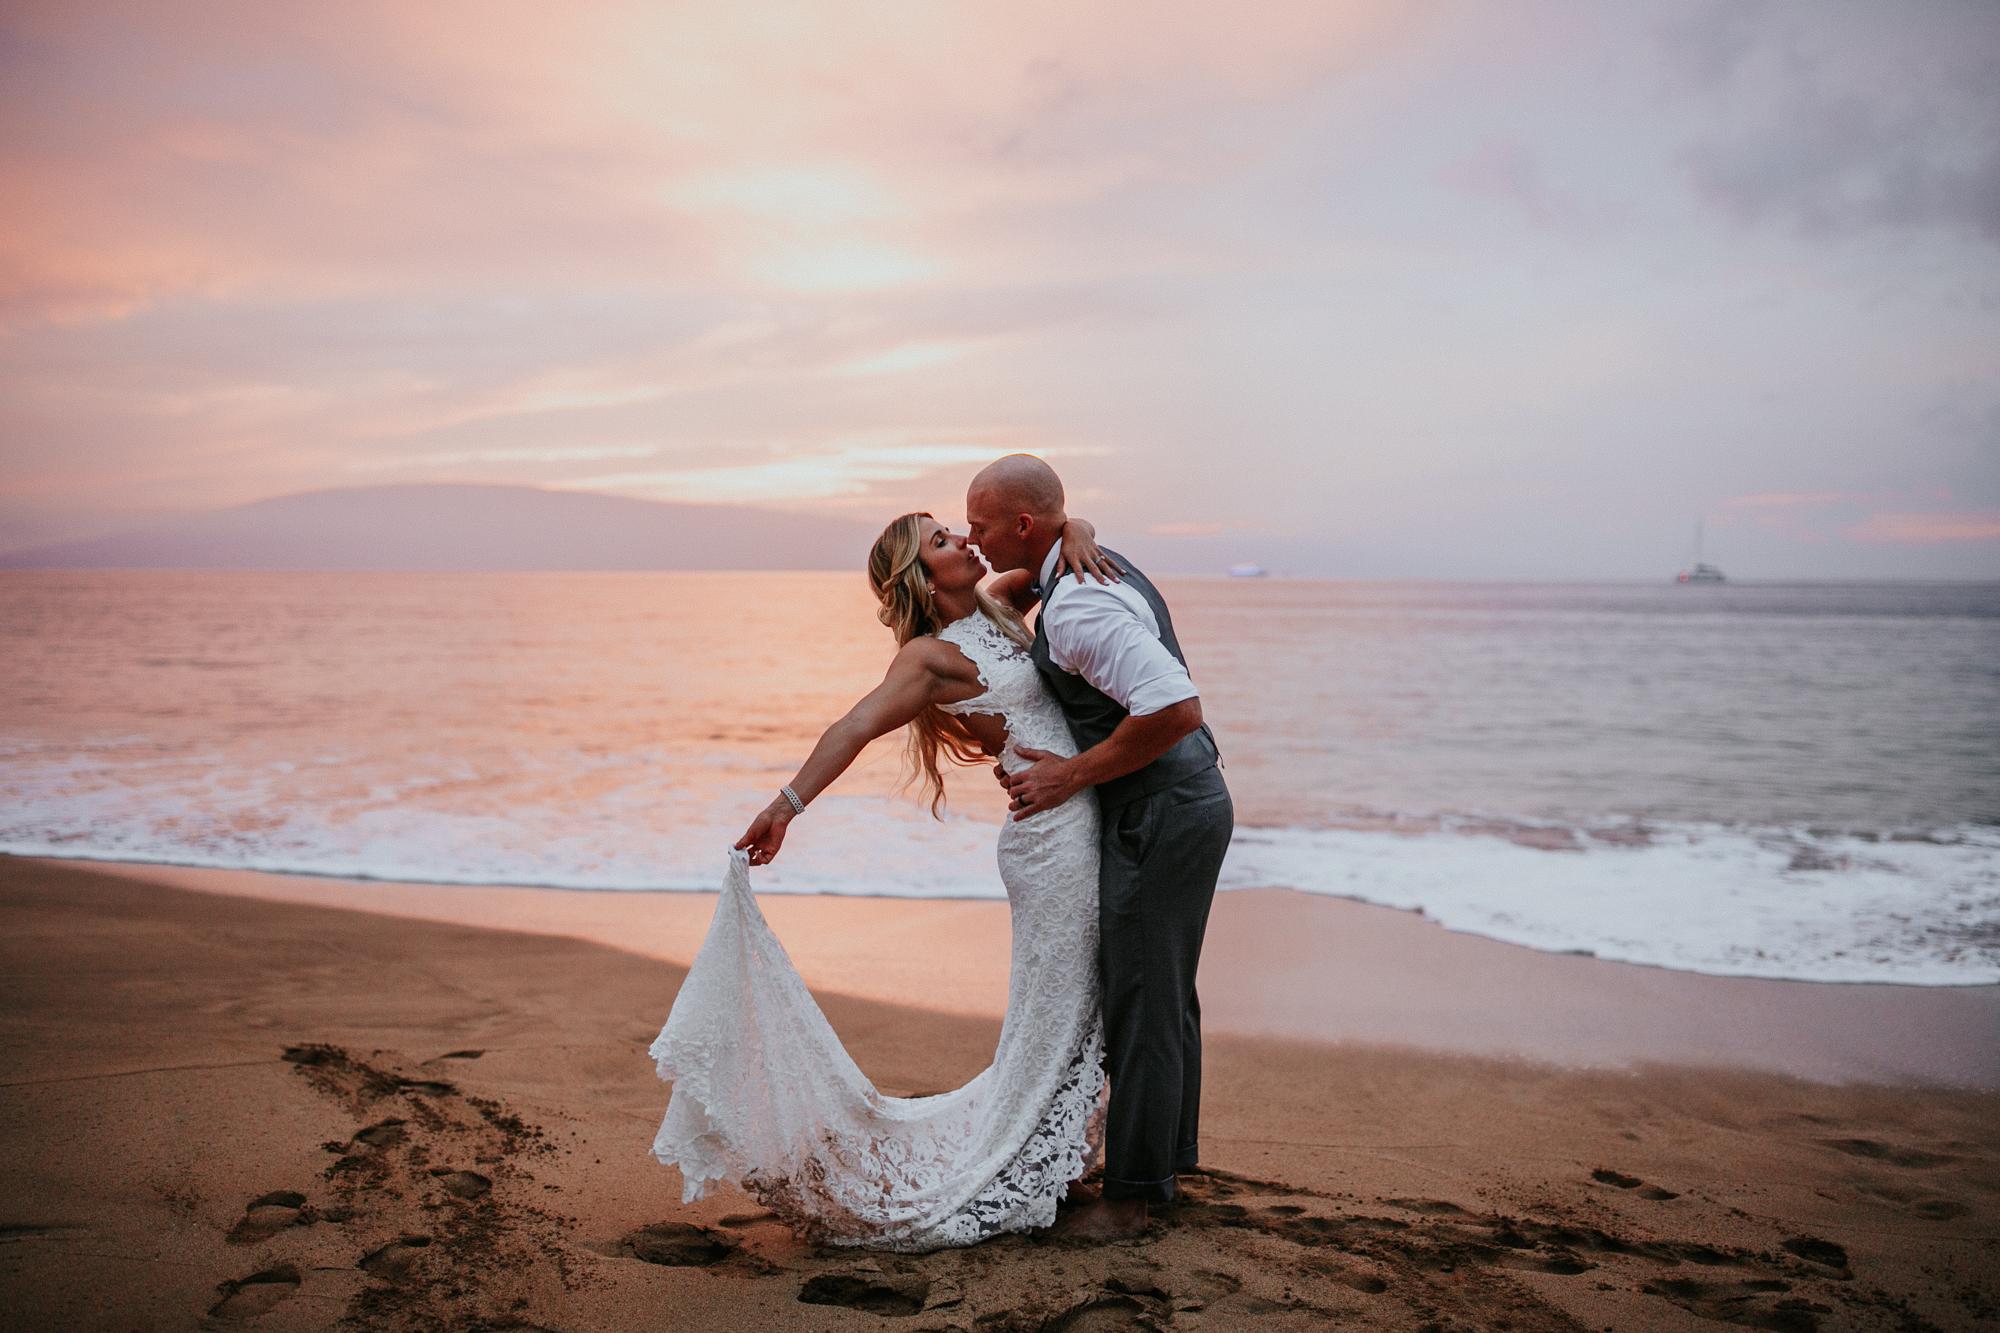 destination-wedding-photographer-hawaii-maui-elopement-110.jpg